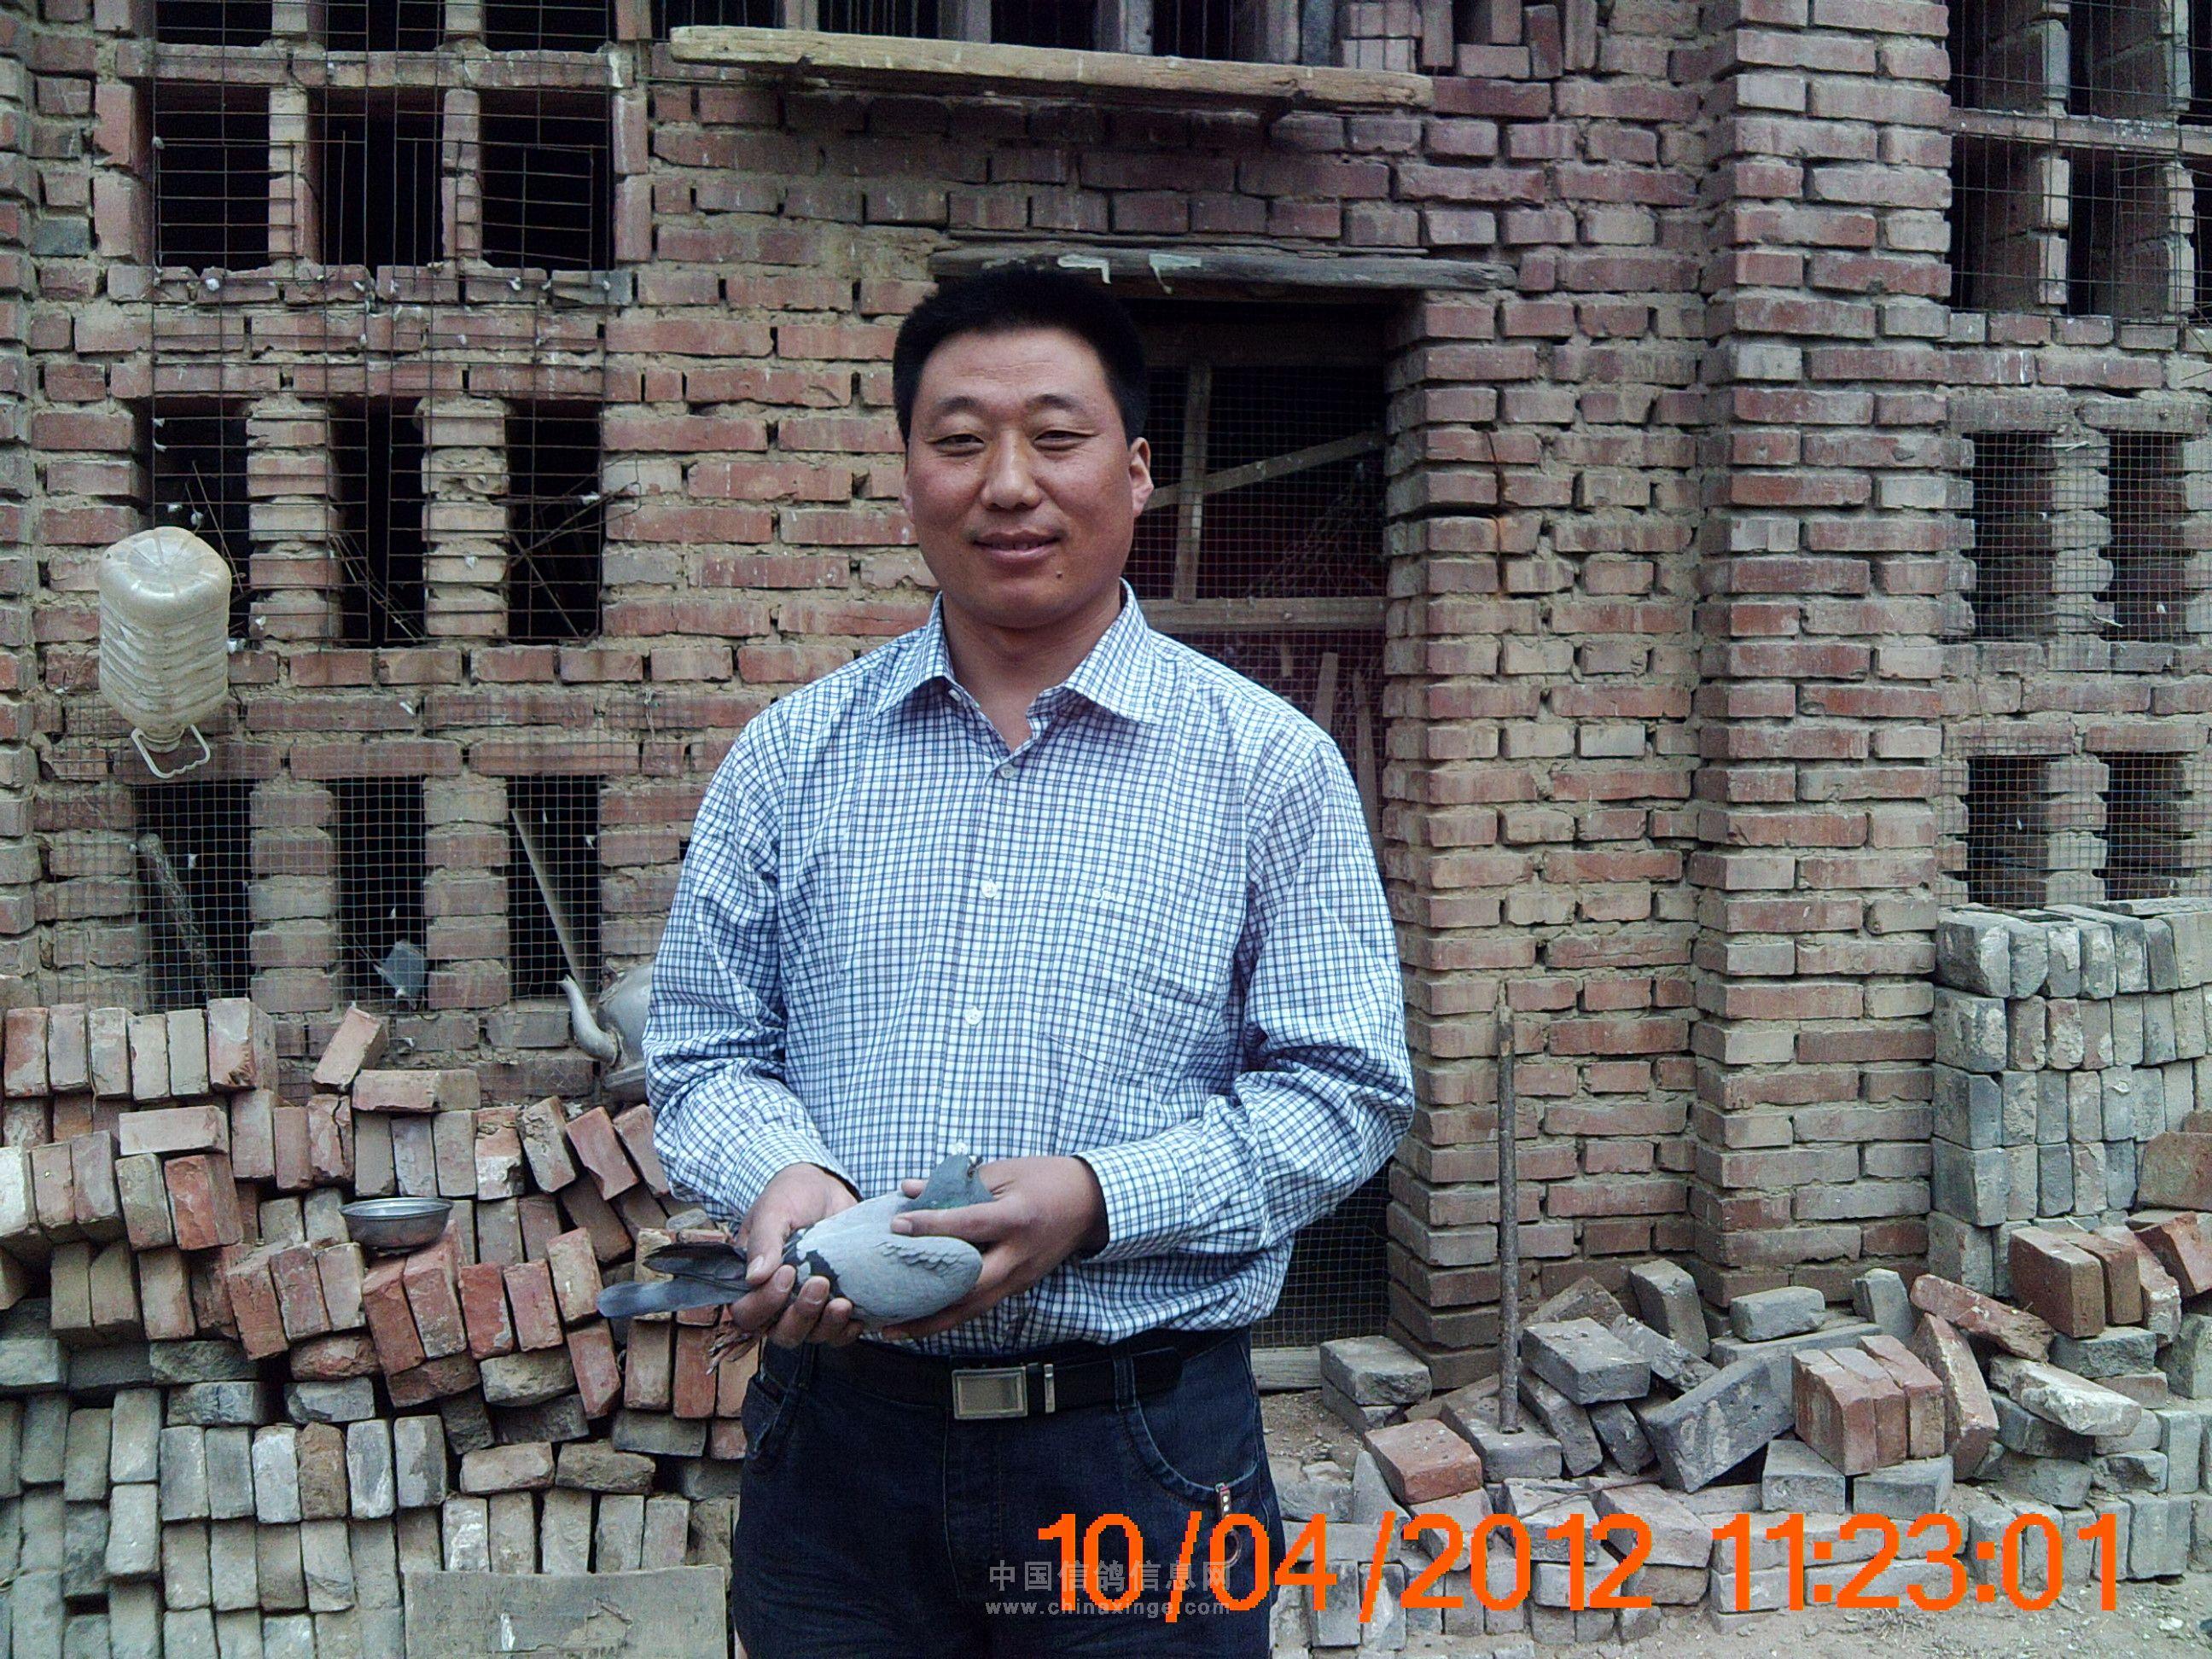 南和县外环车祸图片大全 要某 男,25岁,河北省南和县人图片